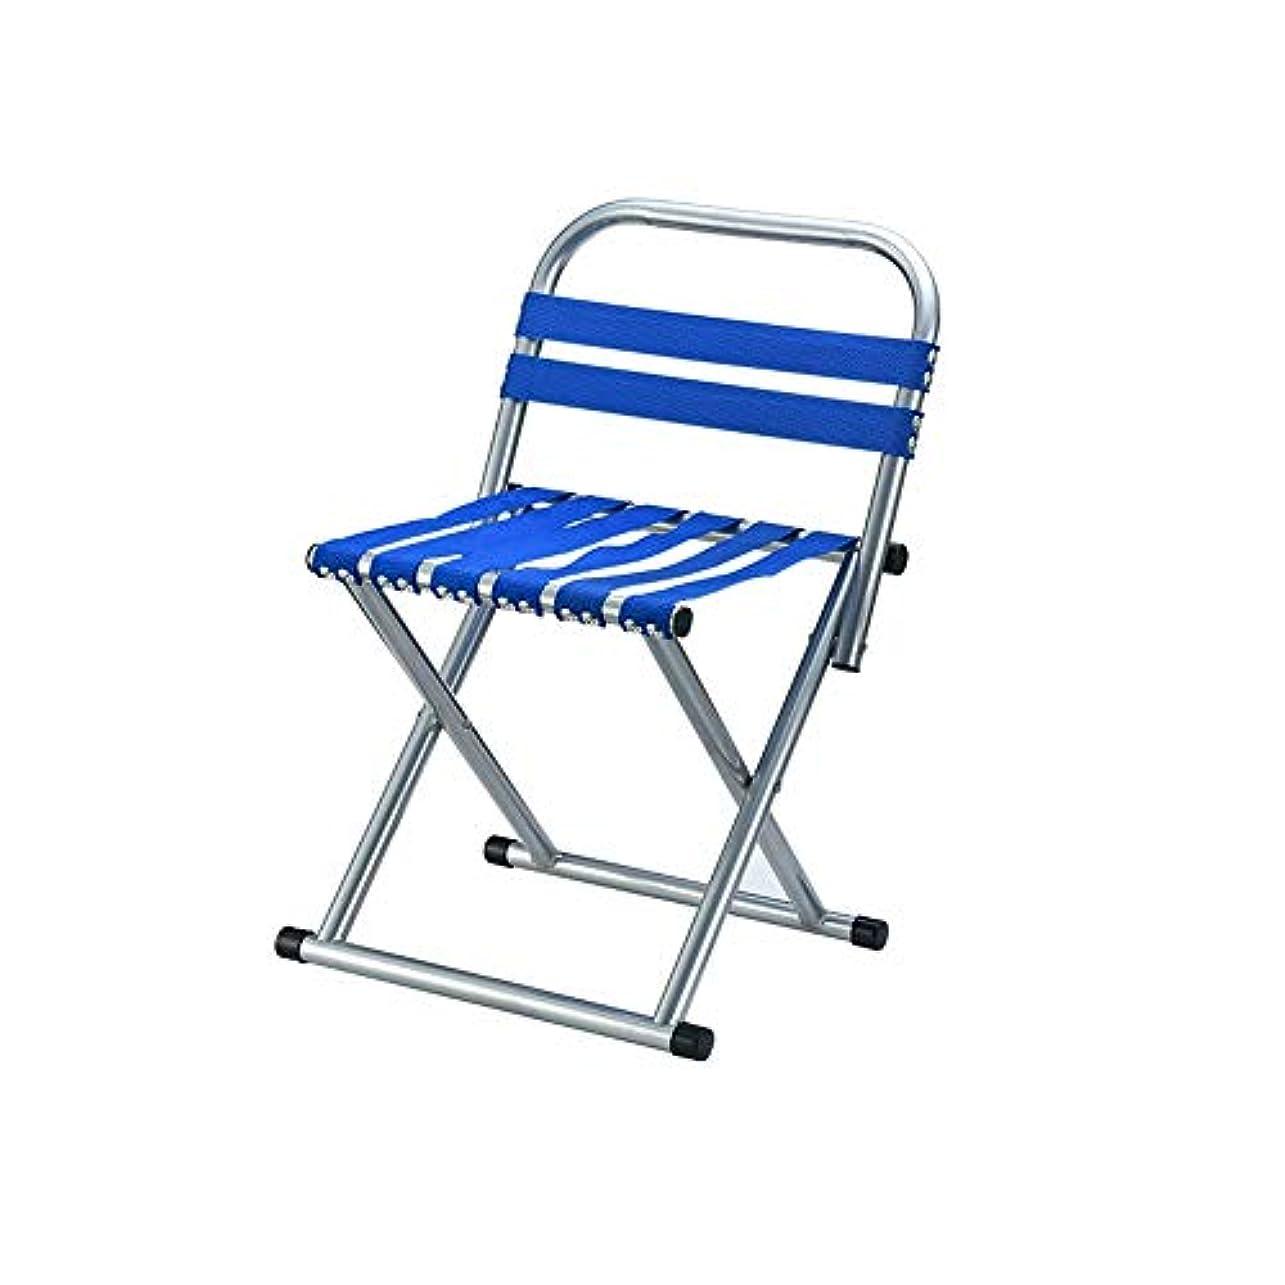 お父さん教育するアッパー屋外折りたたみスツール釣り/スケッチ折りたたみ椅子家庭用背もたれ椅子ポータブル GW (色 : 青, サイズ さいず : 38×29cm)